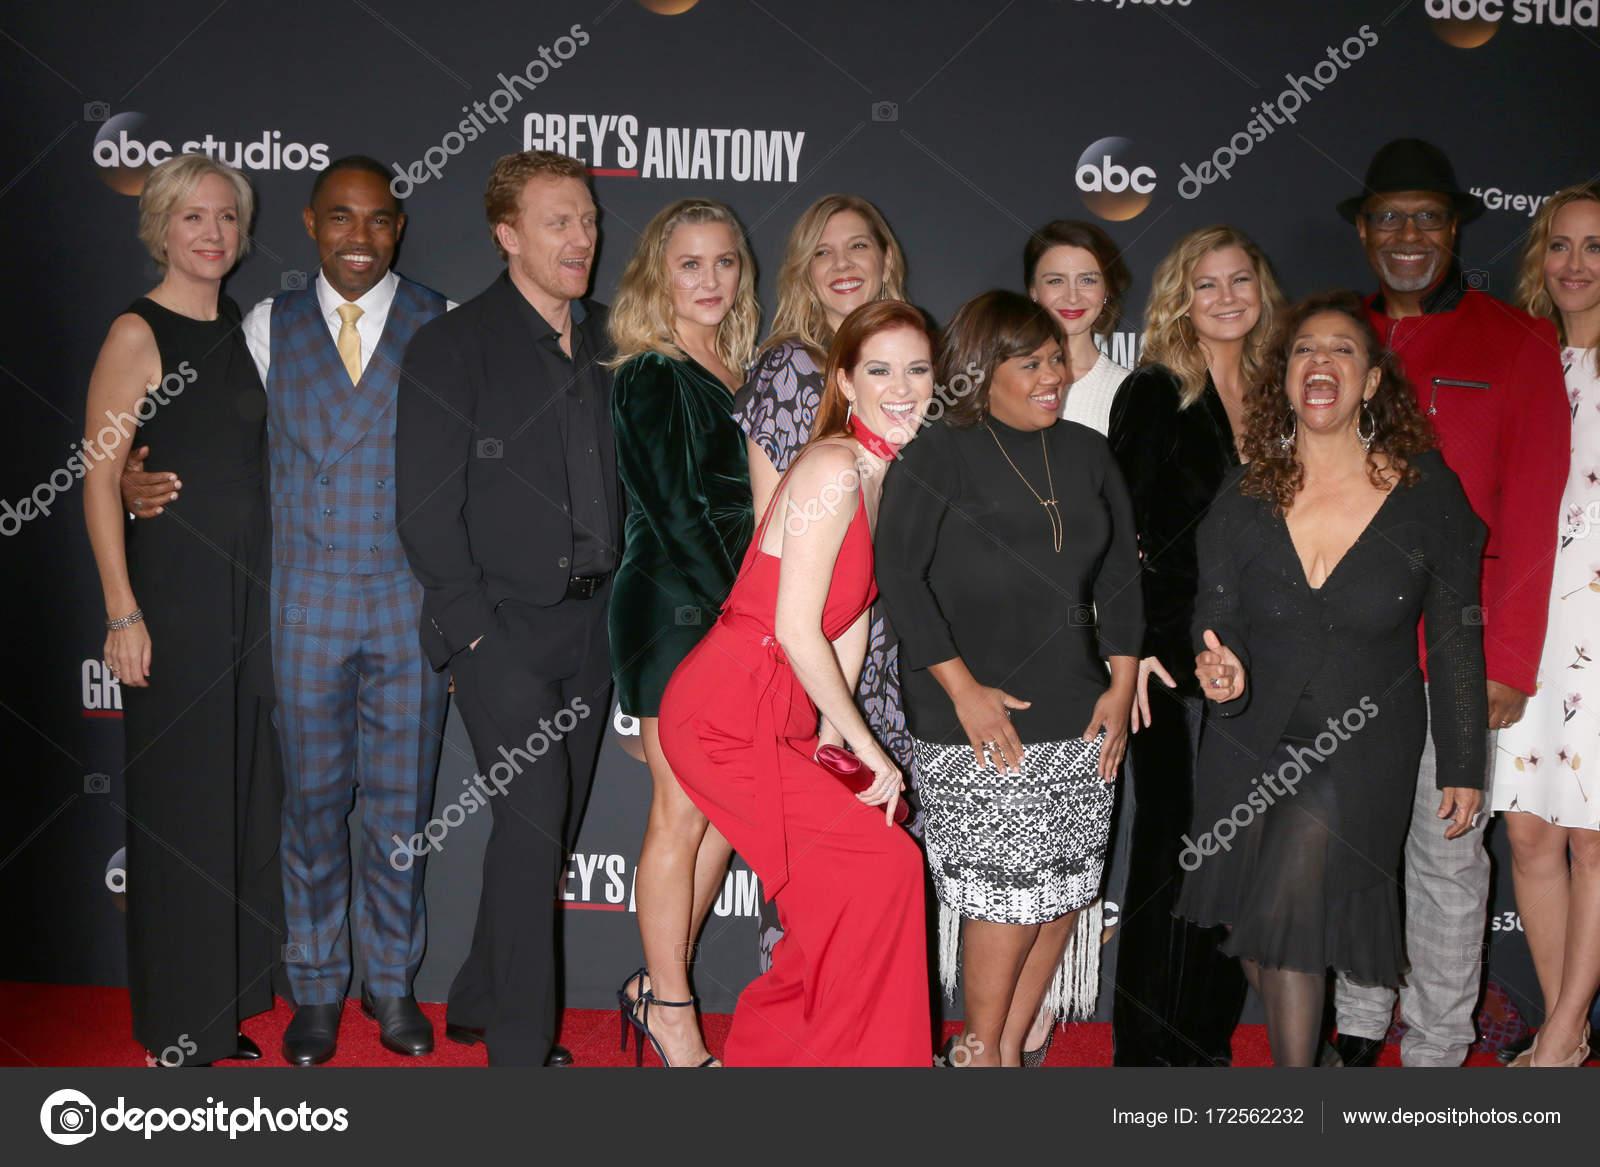 Greys Anatomy Reparto Anatomía Grey 300 Episodio Evento Tao Los ...